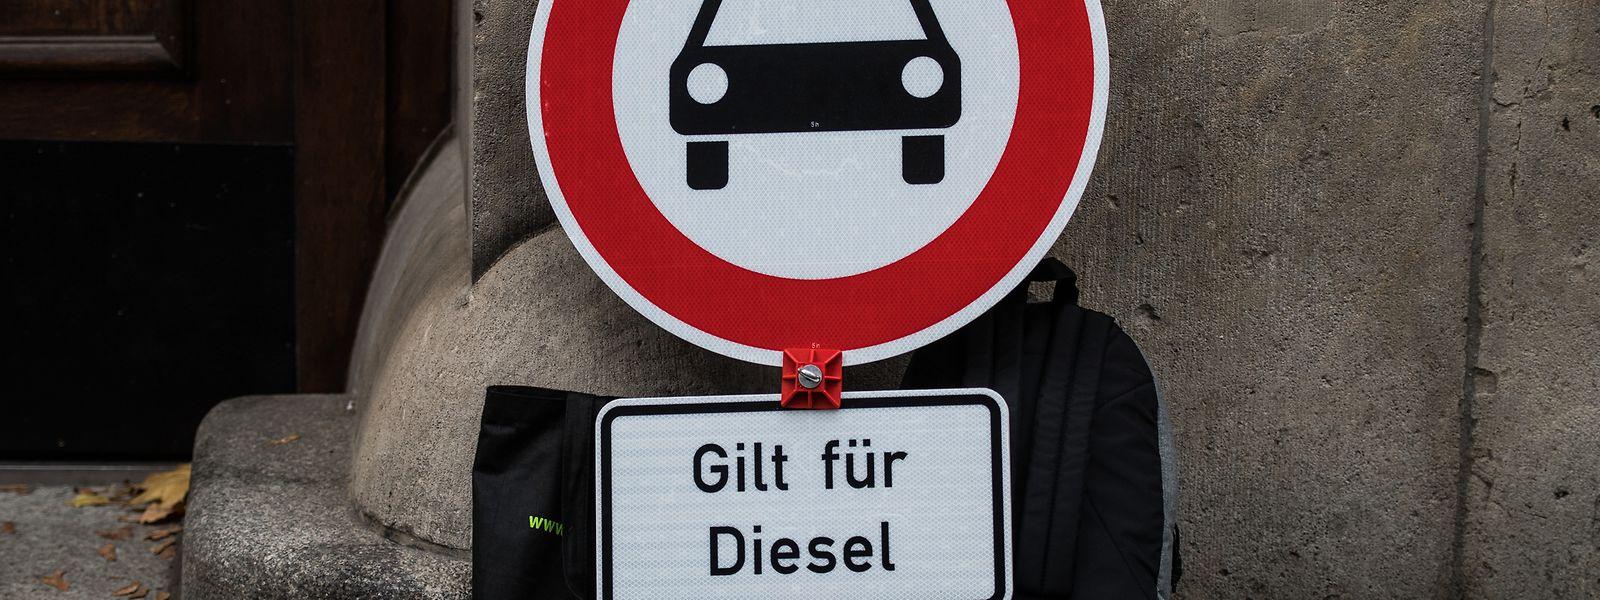 Dieselfahrer haben zunehmend einen schweren Stand.